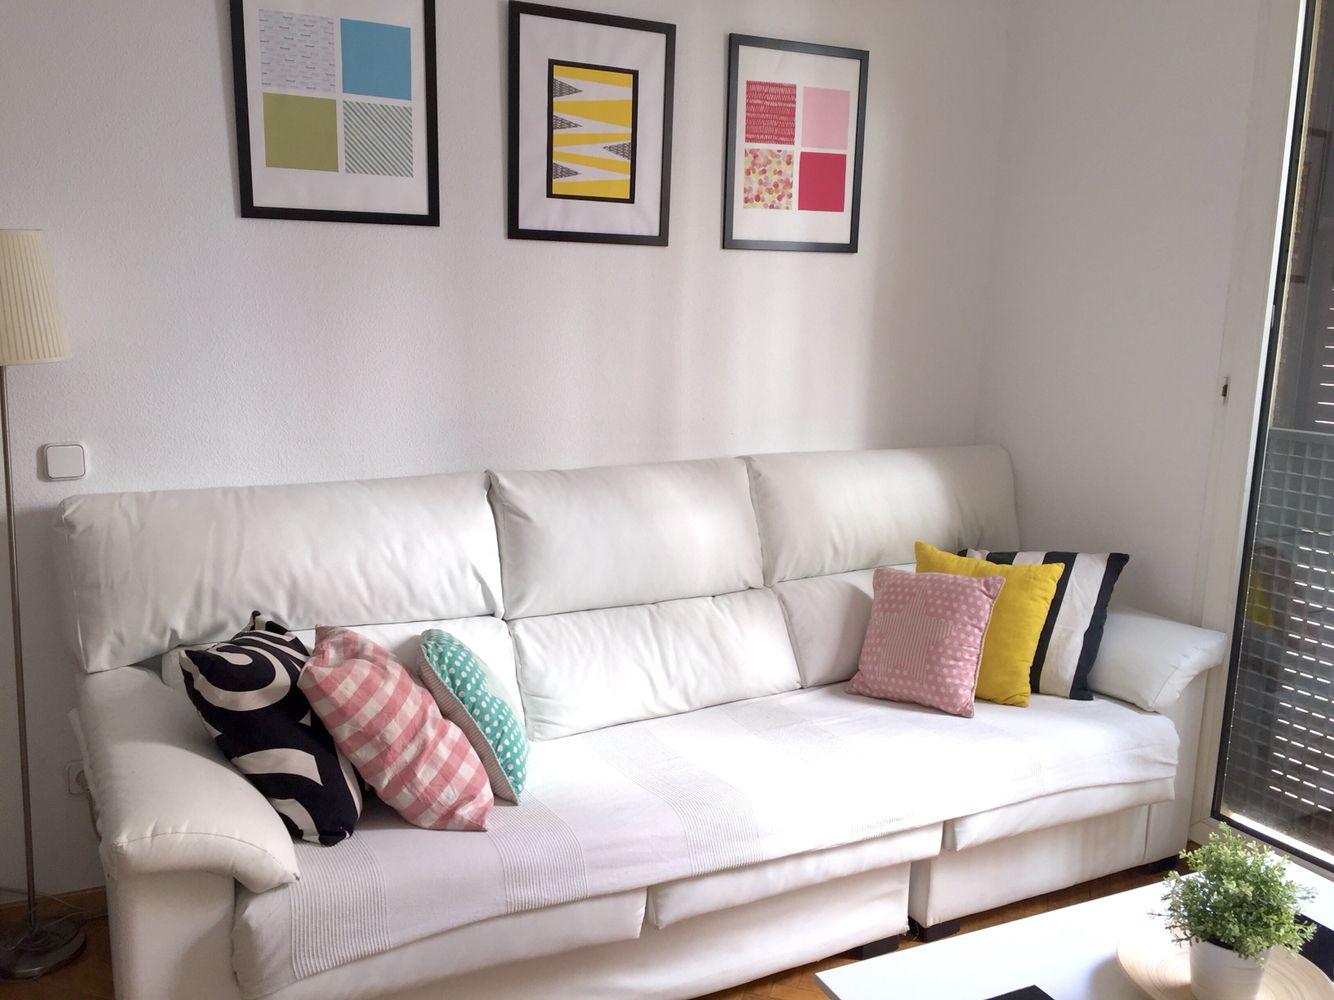 Sal n colorido sof blanco y cojines de colores cuadros ikea decoraci n de casa - Cojines de salon ...